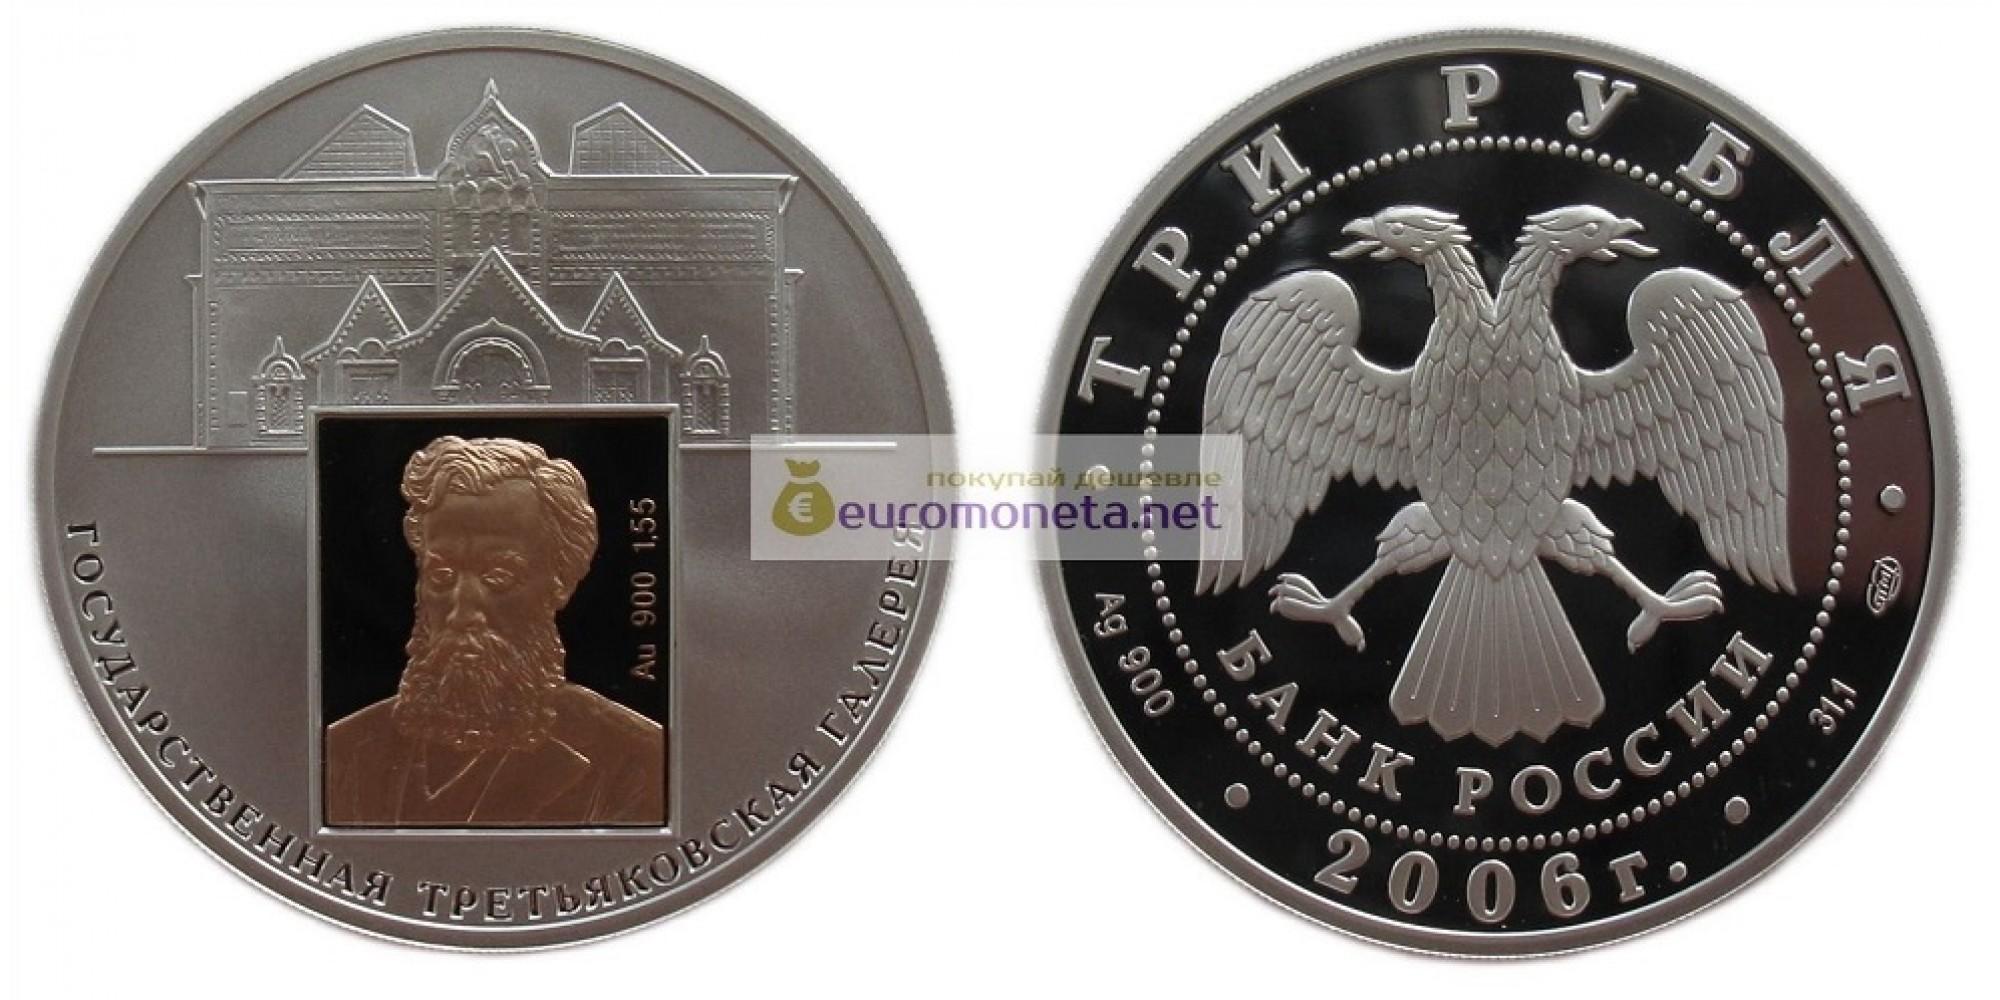 Россия 3 рубля 2006 год 150-летие основания Государственной Третьяковской галереи. серебро пруф